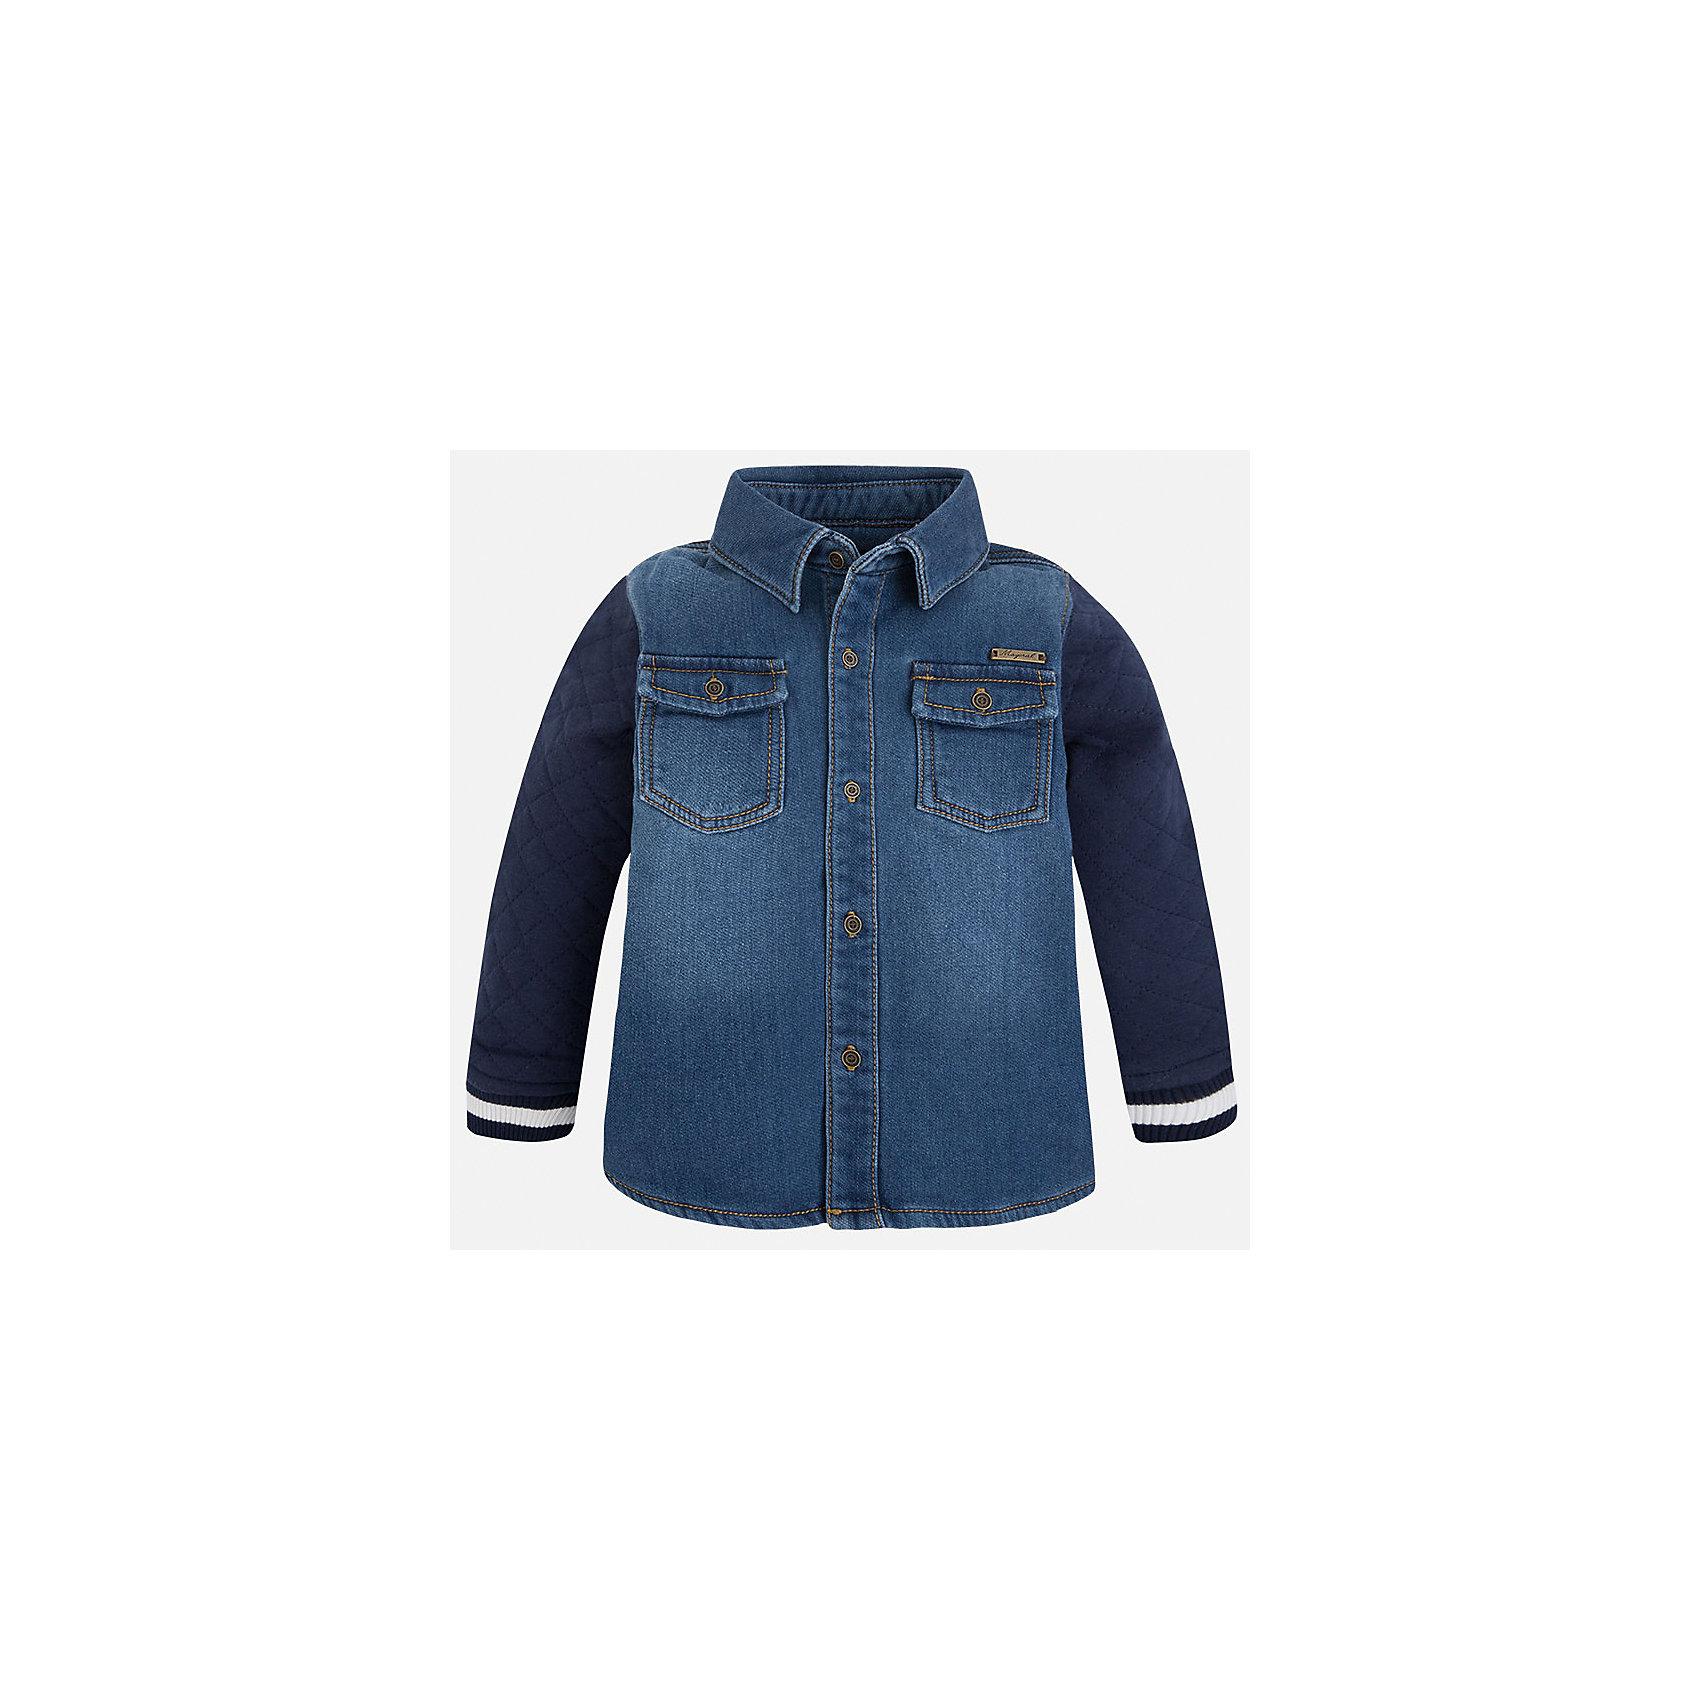 Рубашка джинсовая для мальчика MayoralДжинсовая одежда<br>Рубашка для мальчика Mayoral (Майорал) – это стильная модная и практичная модель.<br>Рубашка с длинными рукавами от известной испанской марки Mayoral (Майорал), выполненная из натурального хлопка с добавлением вискозы, станет прекрасным дополнением гардероба вашего мальчика. Рубашка застегивается на пуговицы, имеются два нагрудных накладных кармана с клапанами на пуговицах. Рубашка будет отлично сочетаться с джинсами. Комфортный крой гарантирует свободу движений.<br><br>Дополнительная информация:<br><br>- Состав: 75% хлопок, 25% вискоза<br>- Уход: бережная стирка при 30 градусах<br><br>Рубашку для мальчика Mayoral (Майорал) можно купить в нашем интернет-магазине.<br><br>Ширина мм: 174<br>Глубина мм: 10<br>Высота мм: 169<br>Вес г: 157<br>Цвет: синий<br>Возраст от месяцев: 72<br>Возраст до месяцев: 84<br>Пол: Мужской<br>Возраст: Детский<br>Размер: 122,92,98,104,110,134,128,116<br>SKU: 4821191